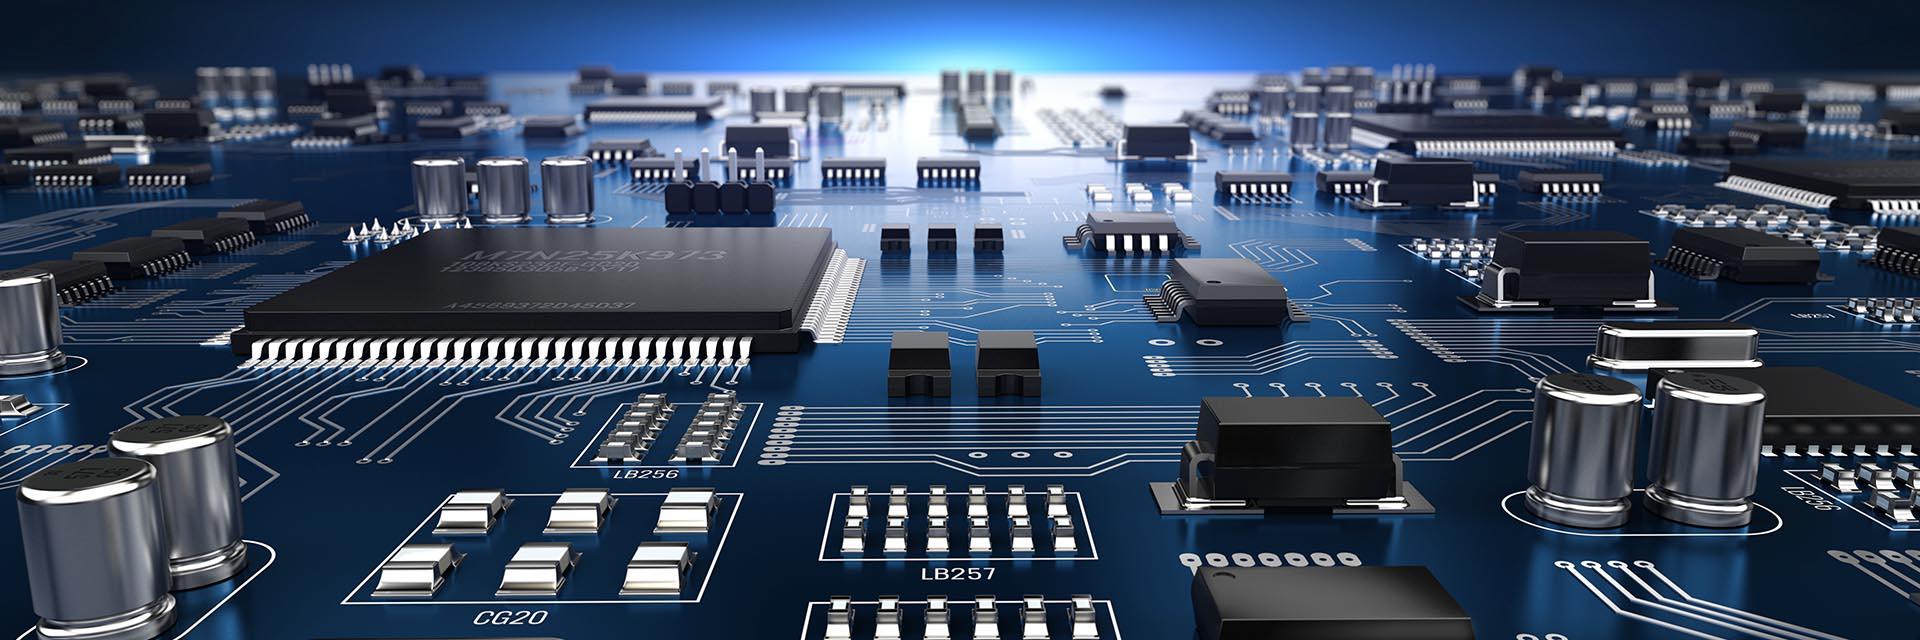 SMD PCB Assembly